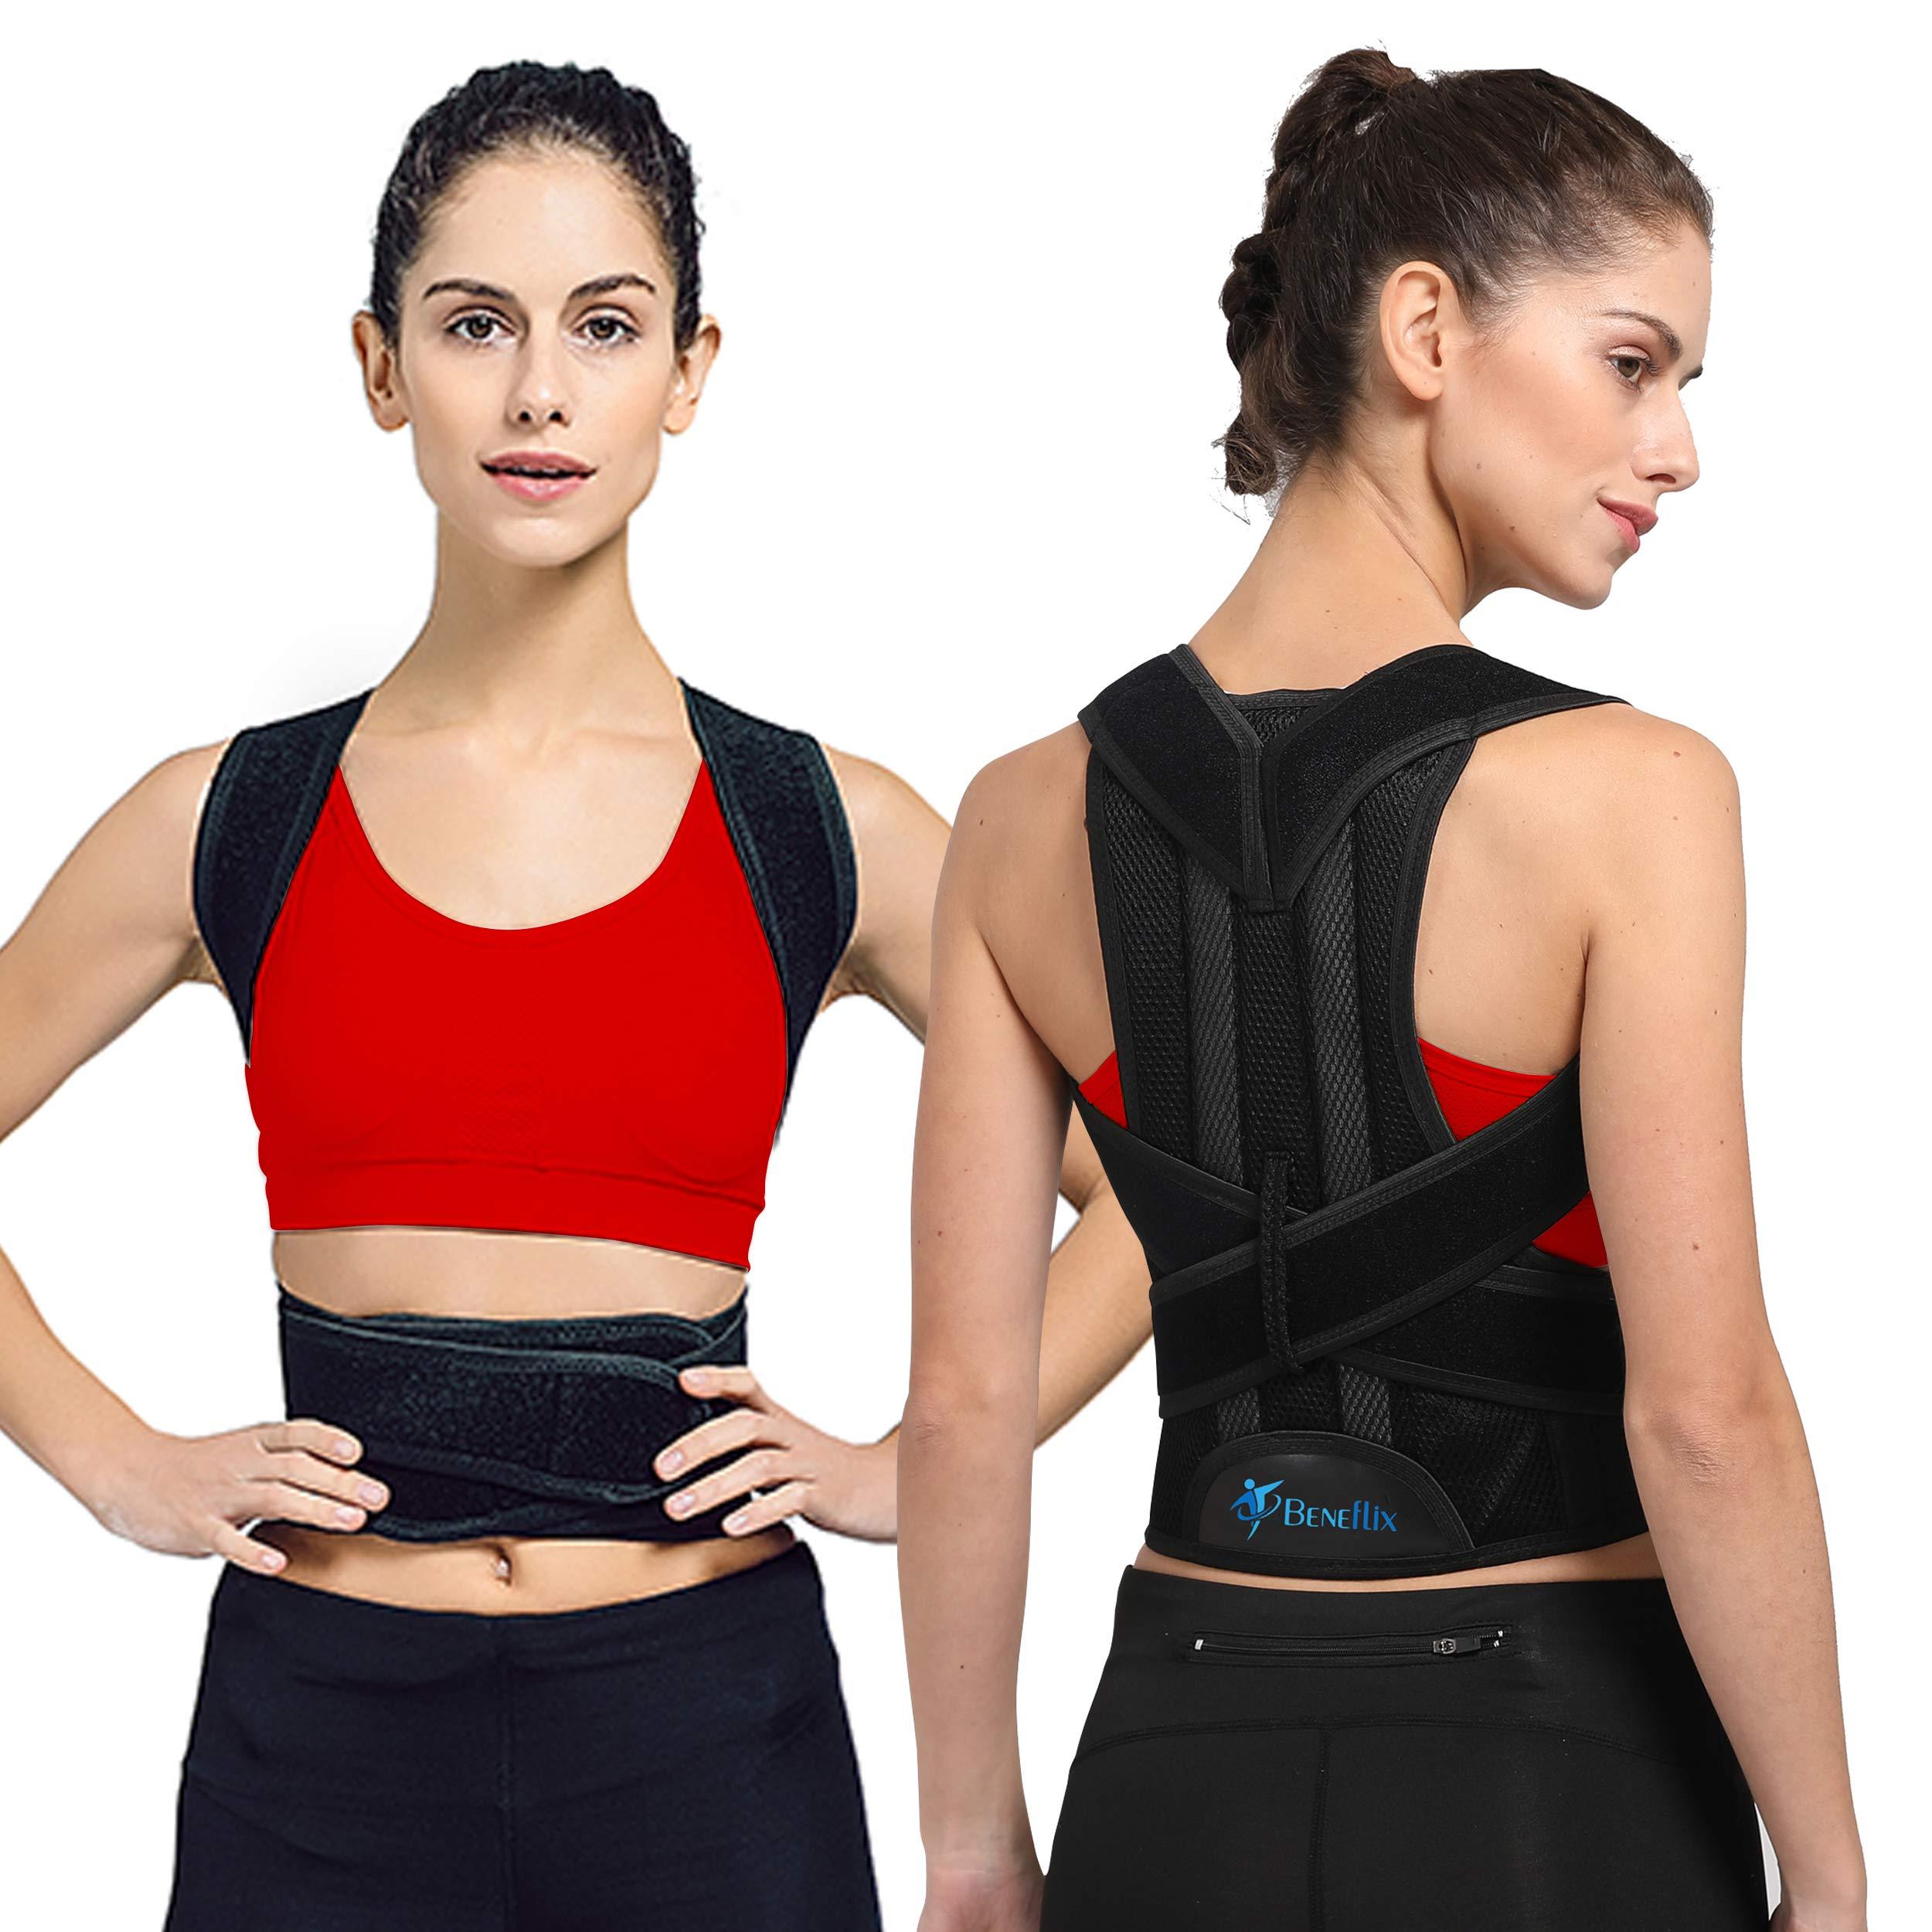 Breathable Back Support Brace - Back Support Vest for Women and Men - Straighten and Correct Posture - Upper Shoulder Corrector - Adjustable Posture Corrector (Waist 23.6-27.5 in)